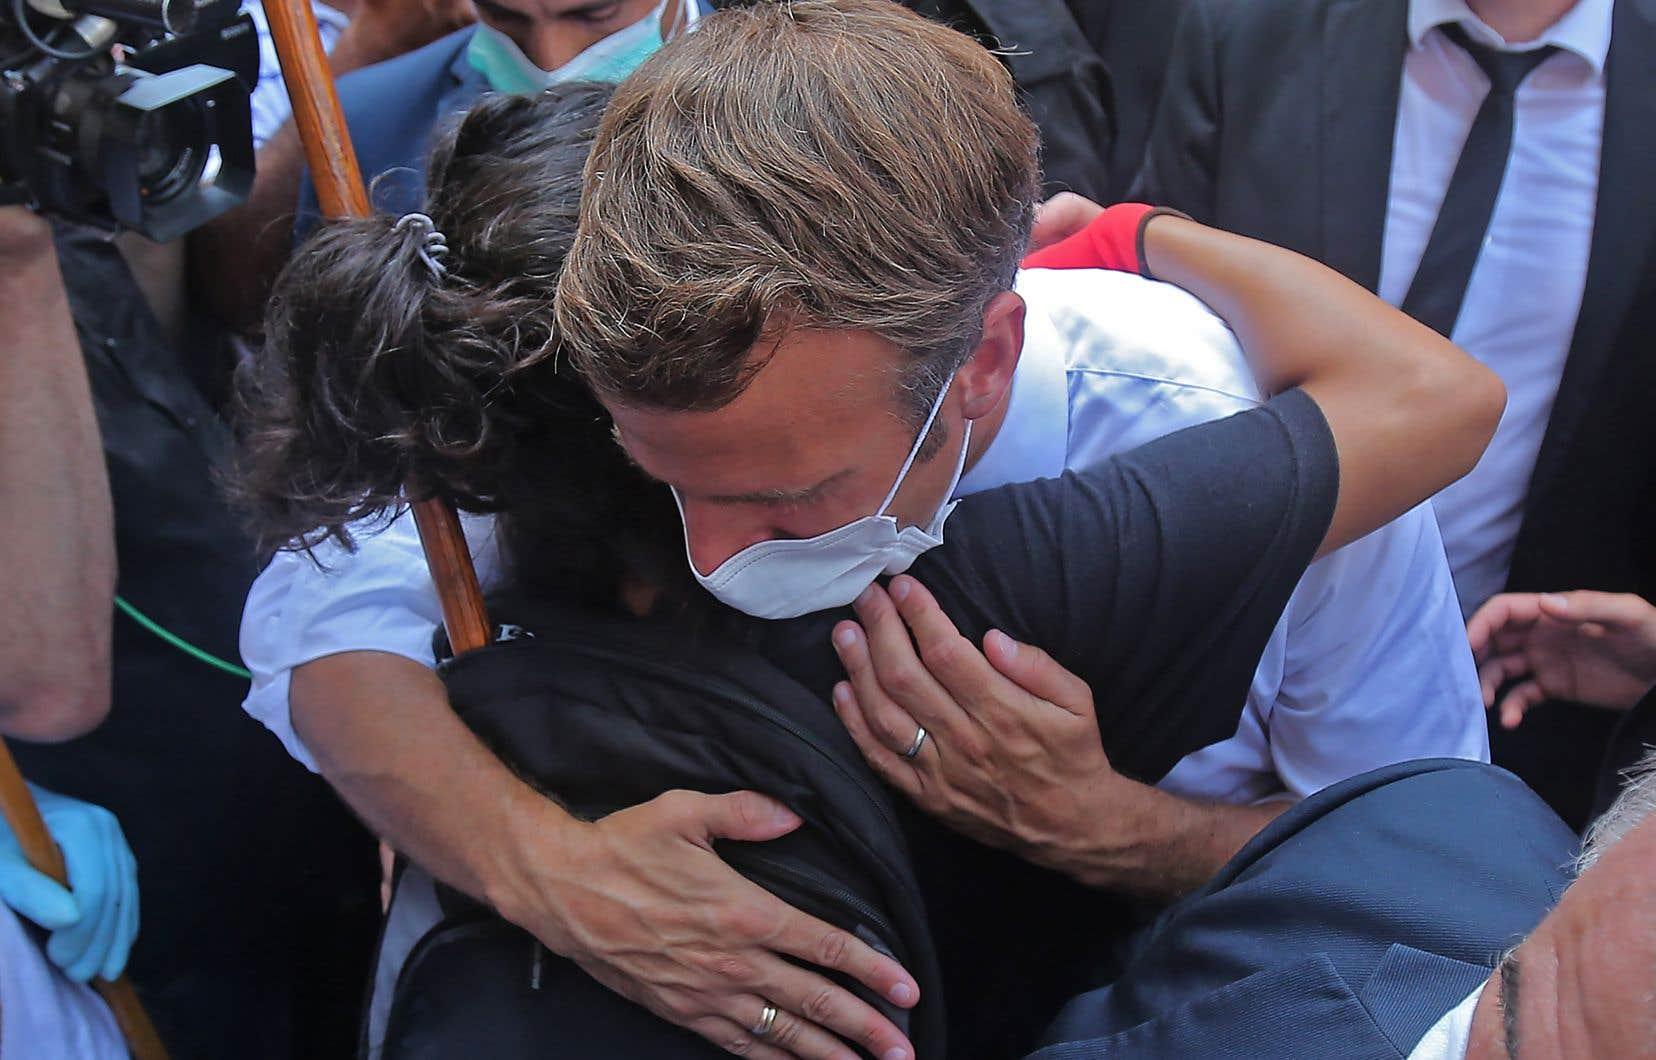 Une jeune libanaise enlace le président français Emmanuel Macron lors d'une visite dans le quartier de Gemmayzeh, qui a subi d'importants dégâts en raison d'une explosion massive dans la capitale libanaise.